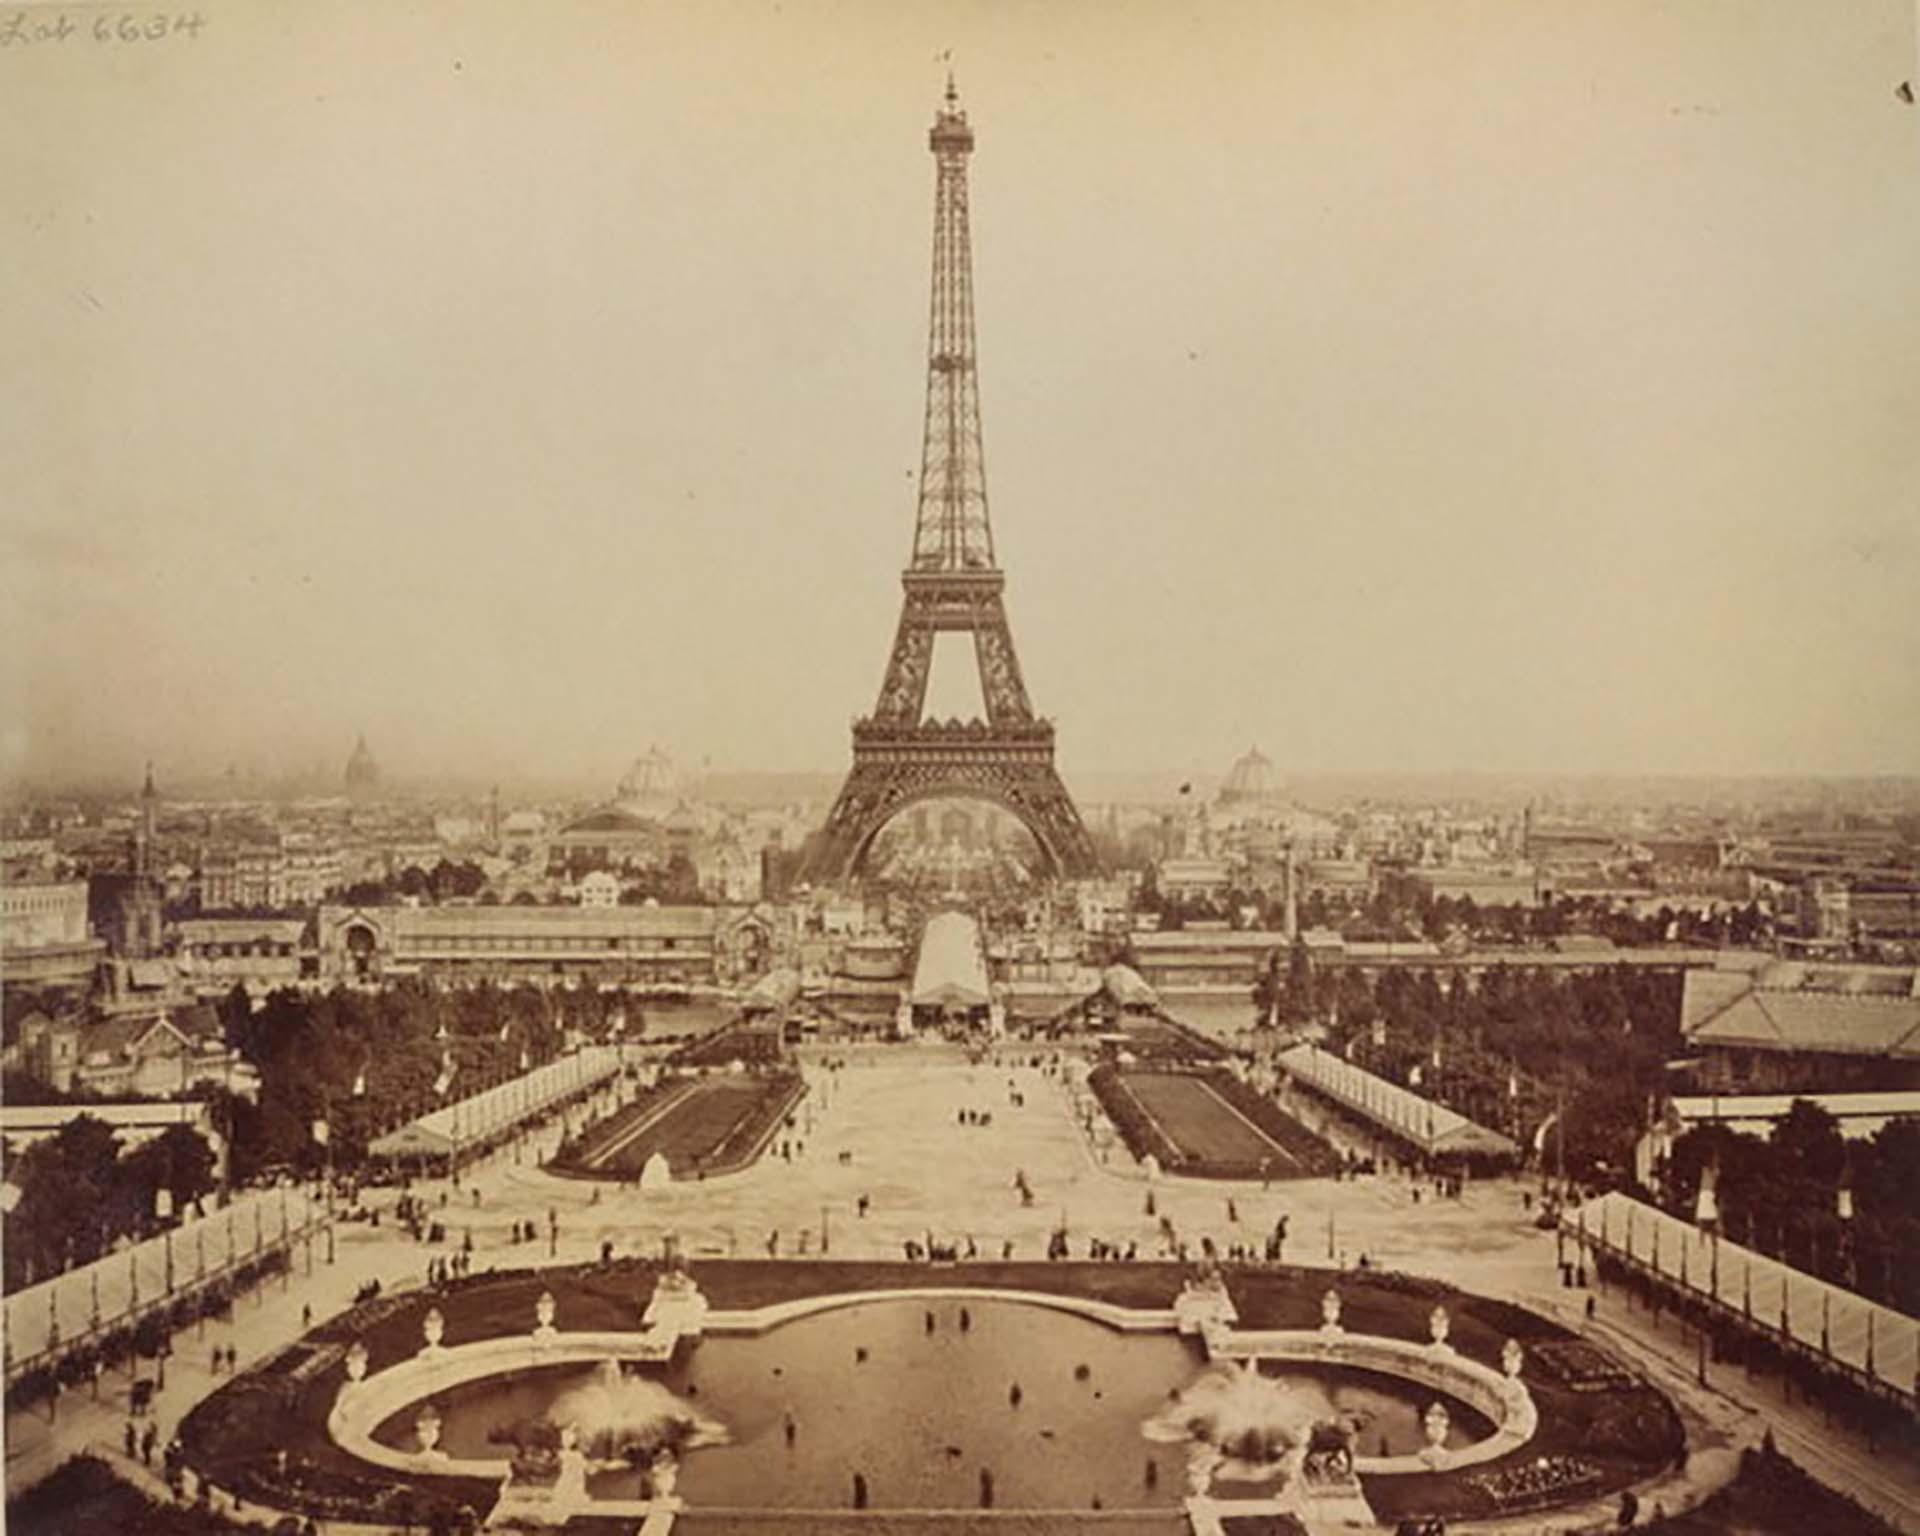 La torre fue completada en 2 años, 2 meses y 5 días por 250 obreros e inaugurada el 31 de marzo de 1889